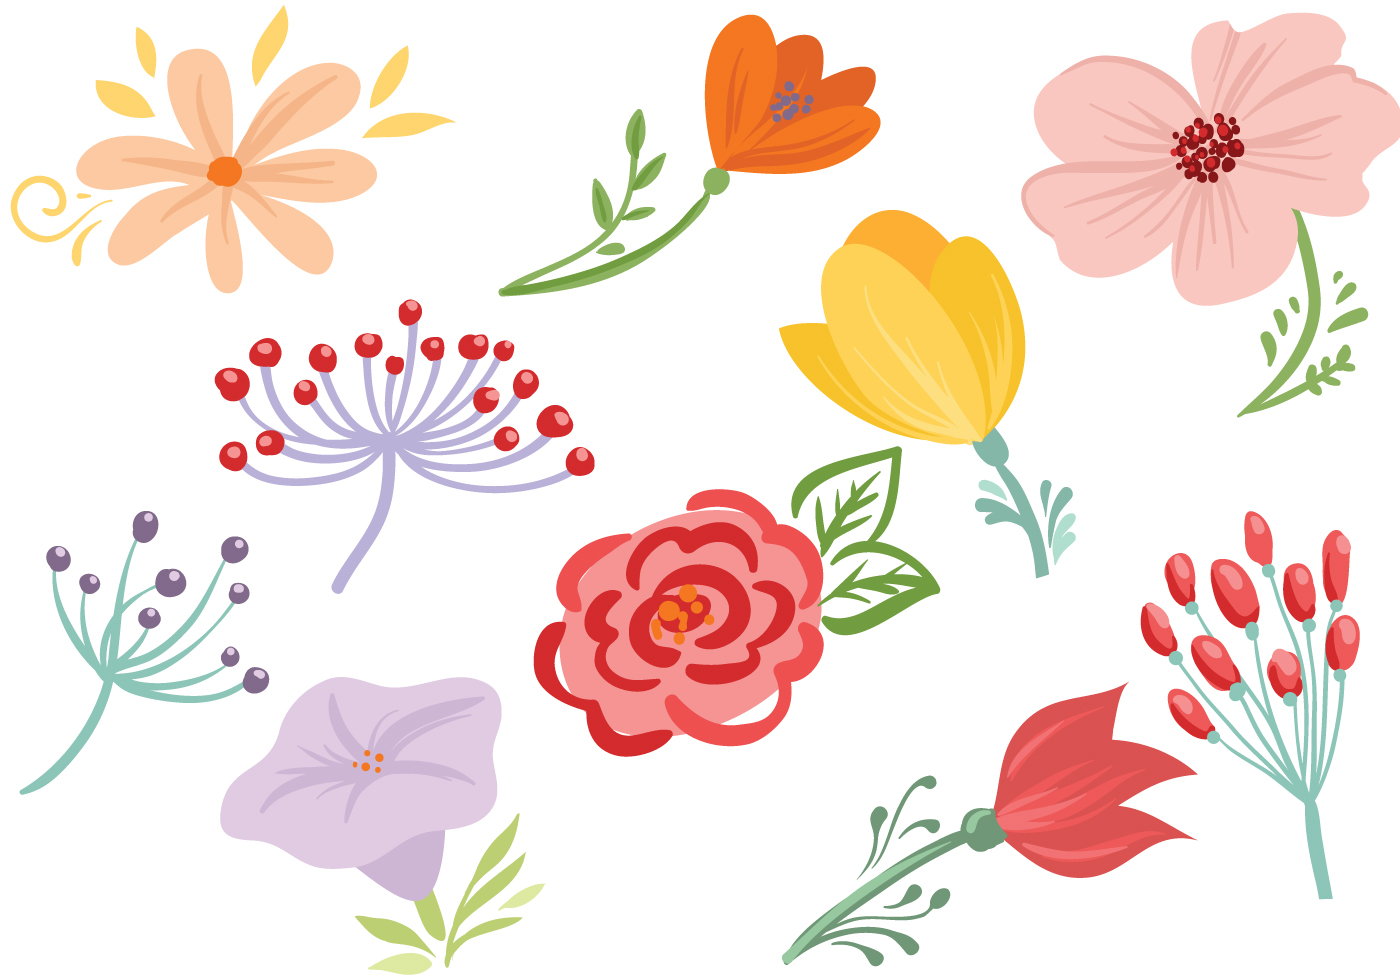 花朵卡通 免費下載 | 天天瘋後製